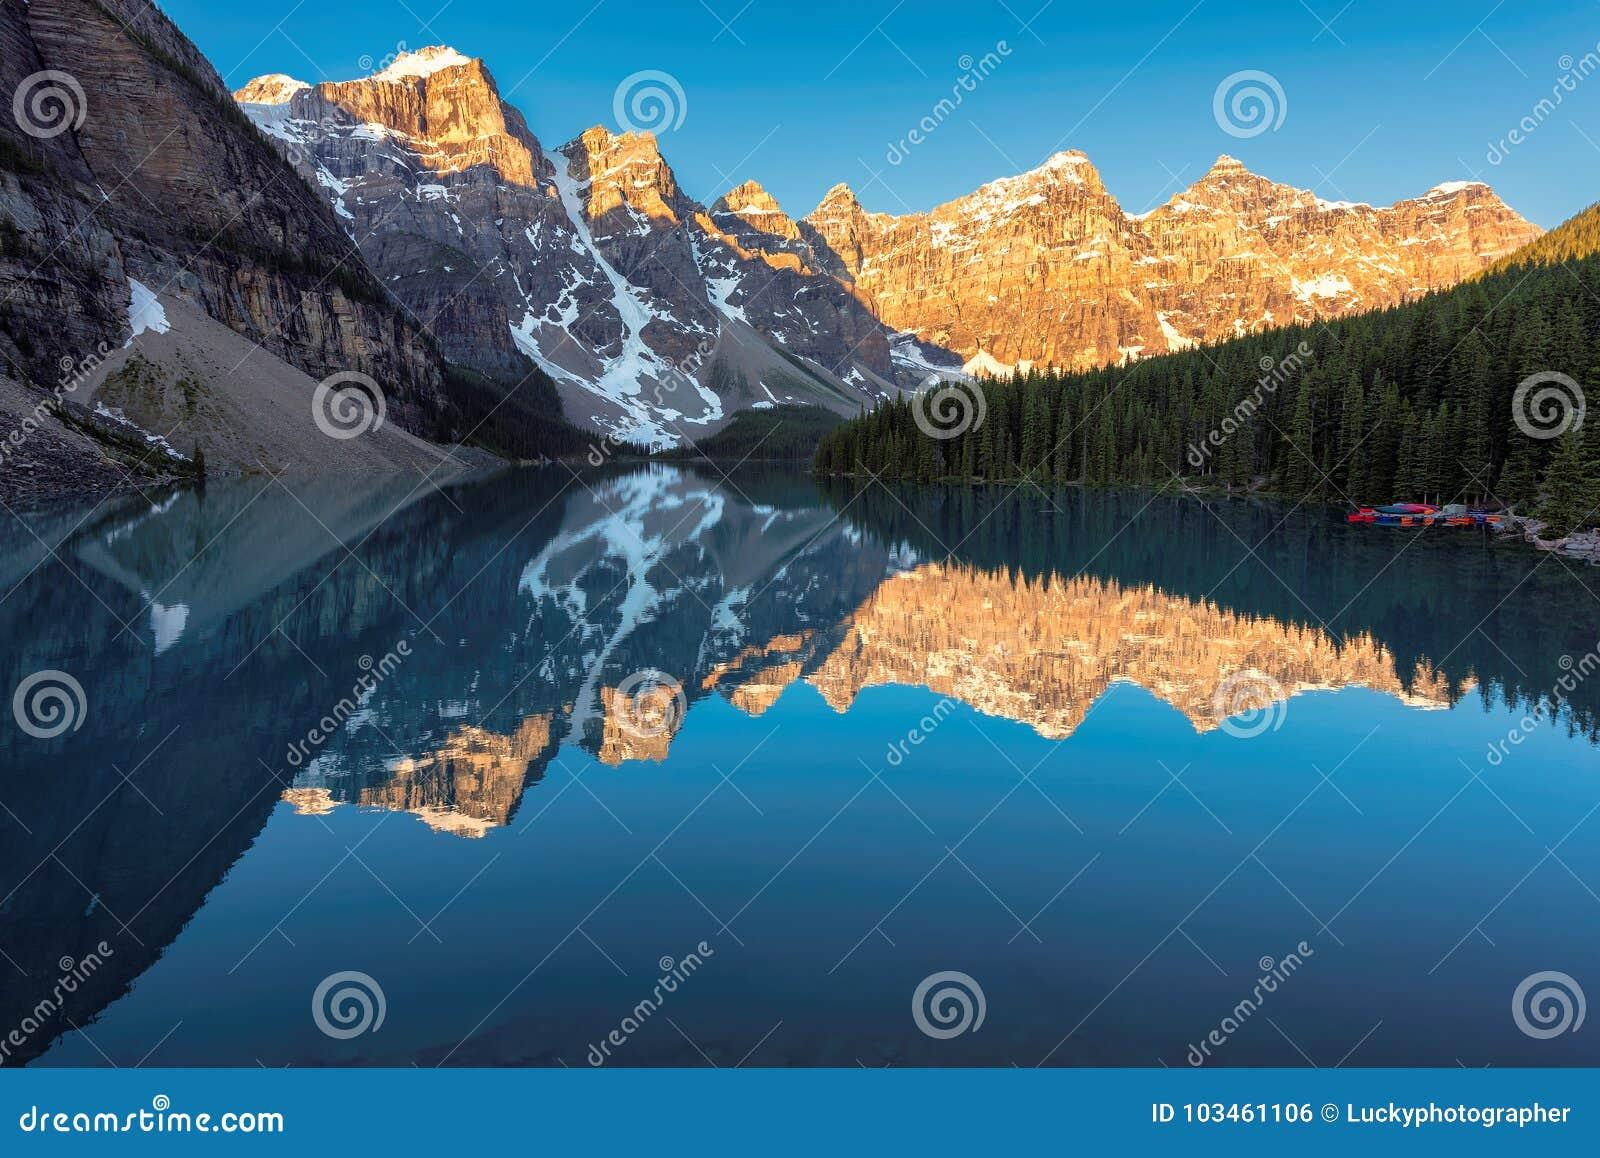 Lever de soleil au lac moraine dans le Canadien parc national des Rocheuses, Banff, Canada